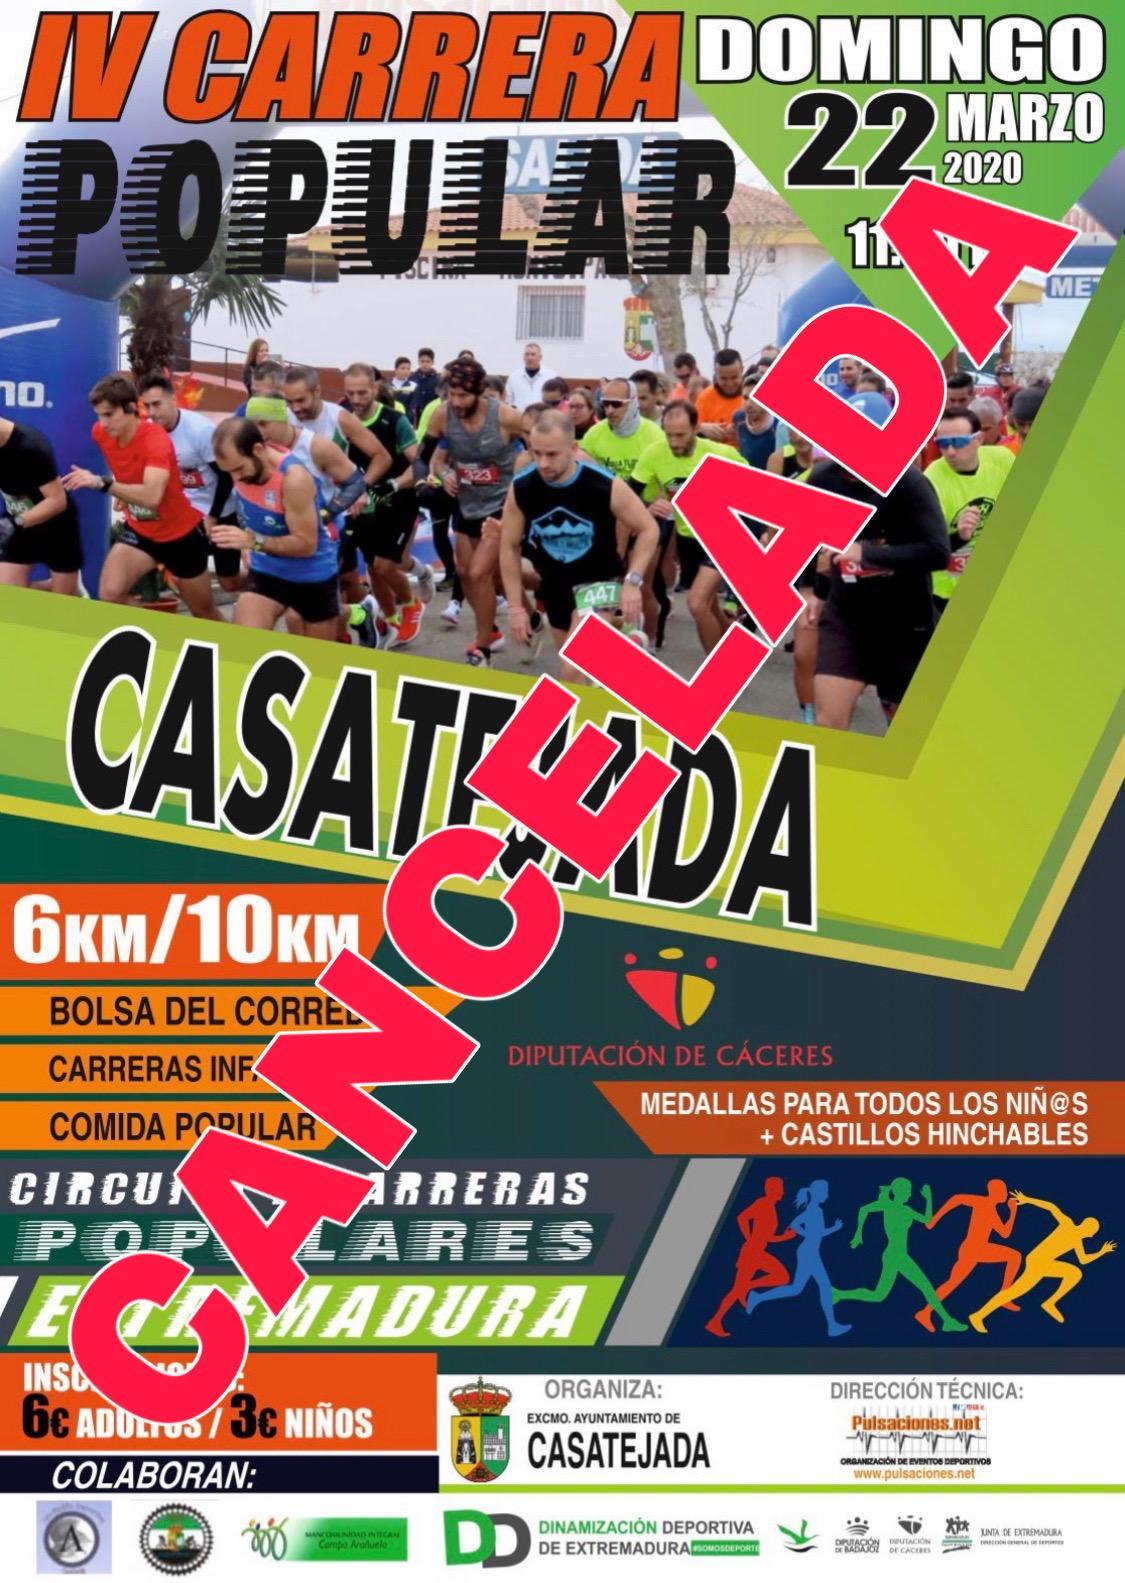 adiós angustia para  22-03-2020) IV Carrera Popular CASATEJADA 2020 - Pulsaciones.NET